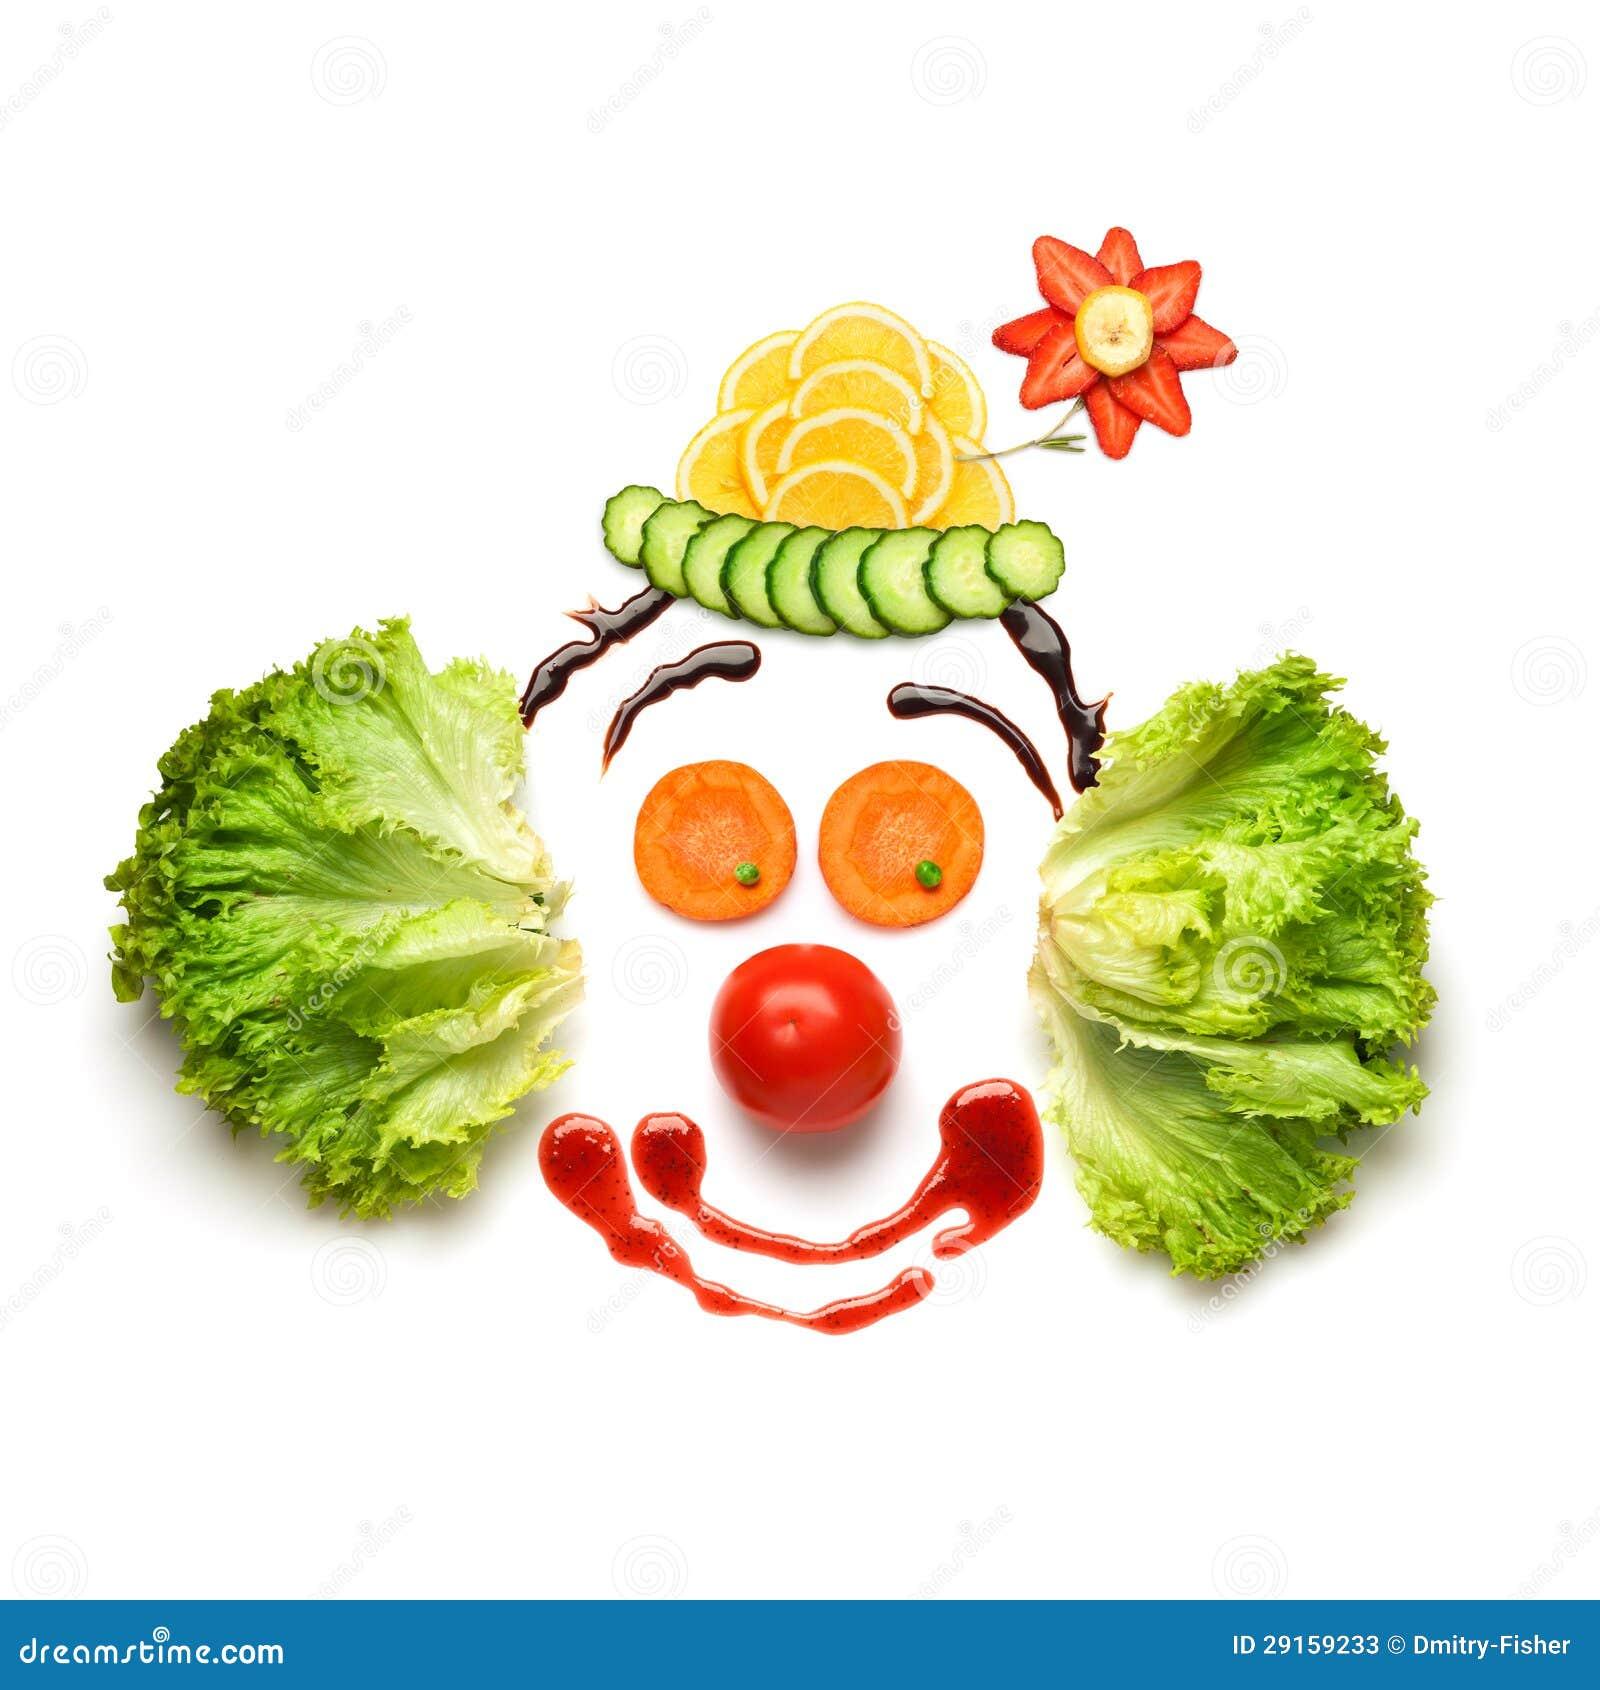 Comida feliz para los opositores de la comida r pida - Fotos de comodas ...